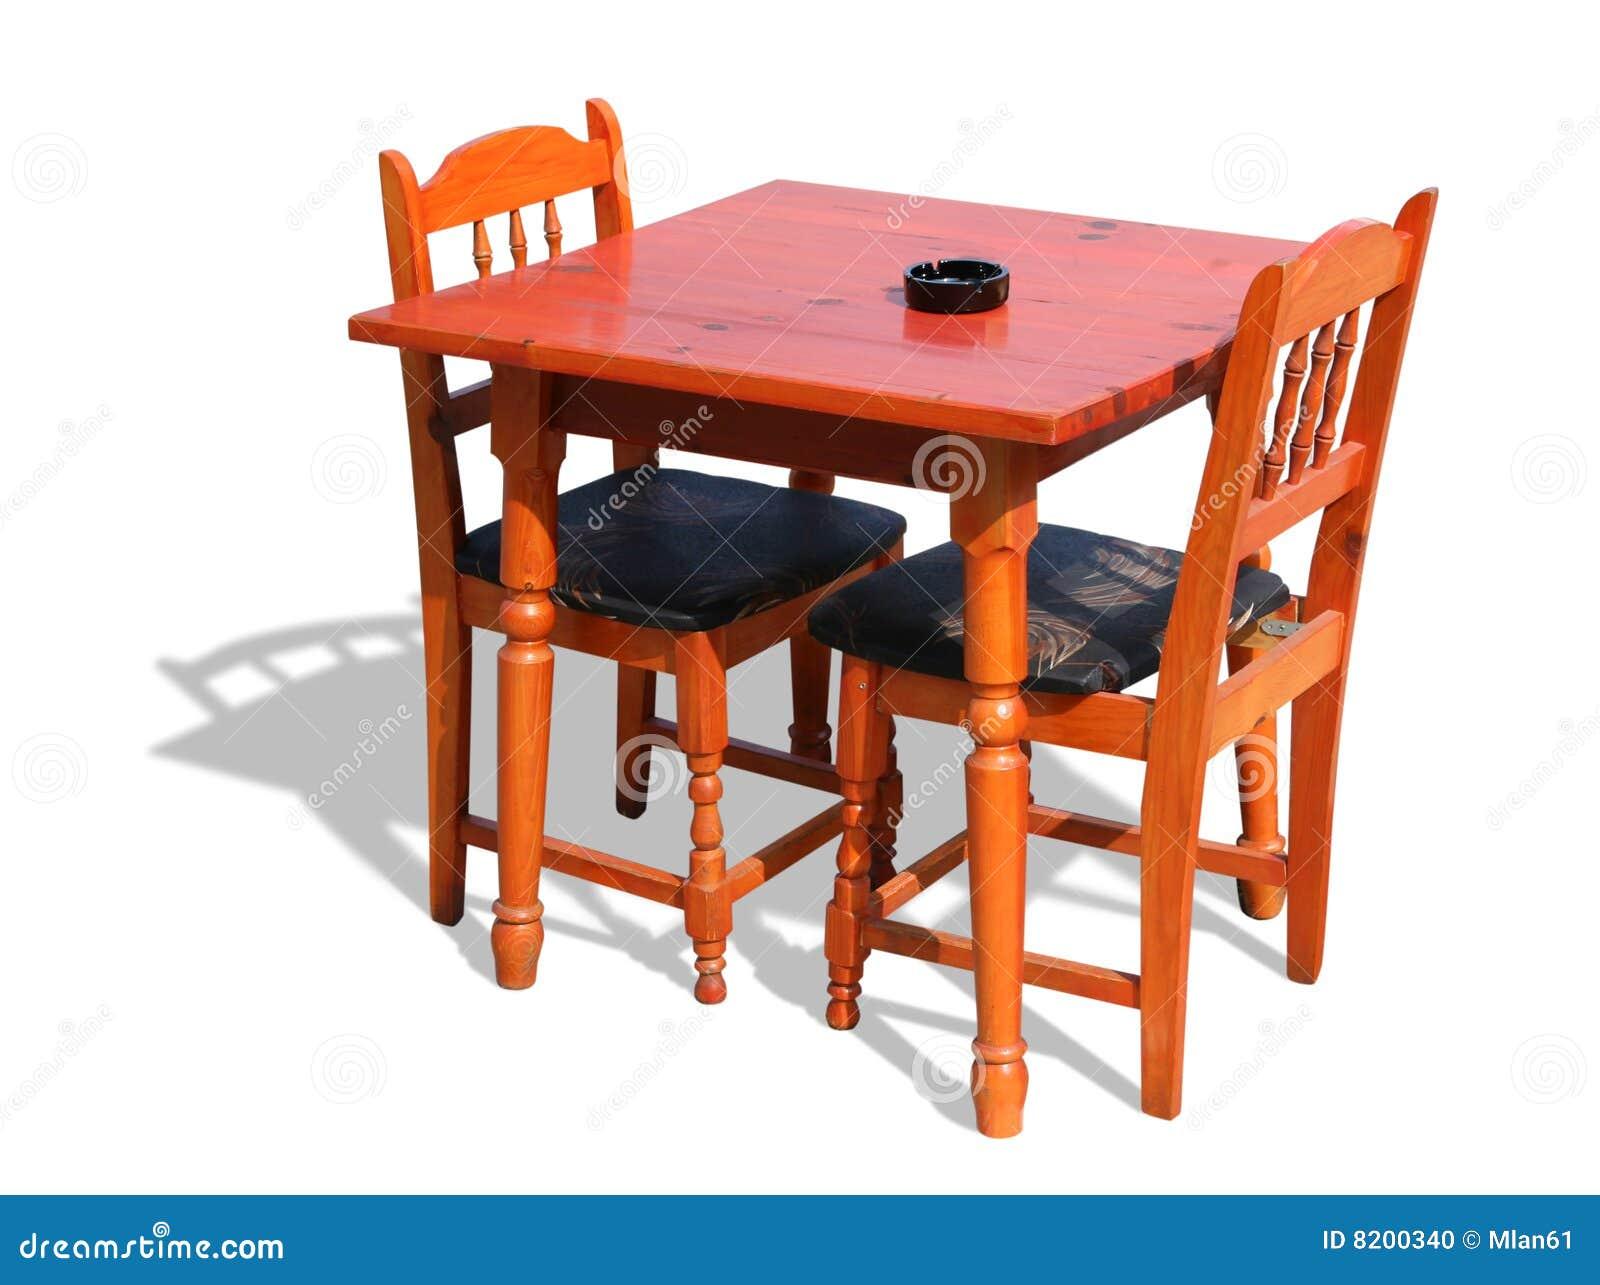 Stolar table trä